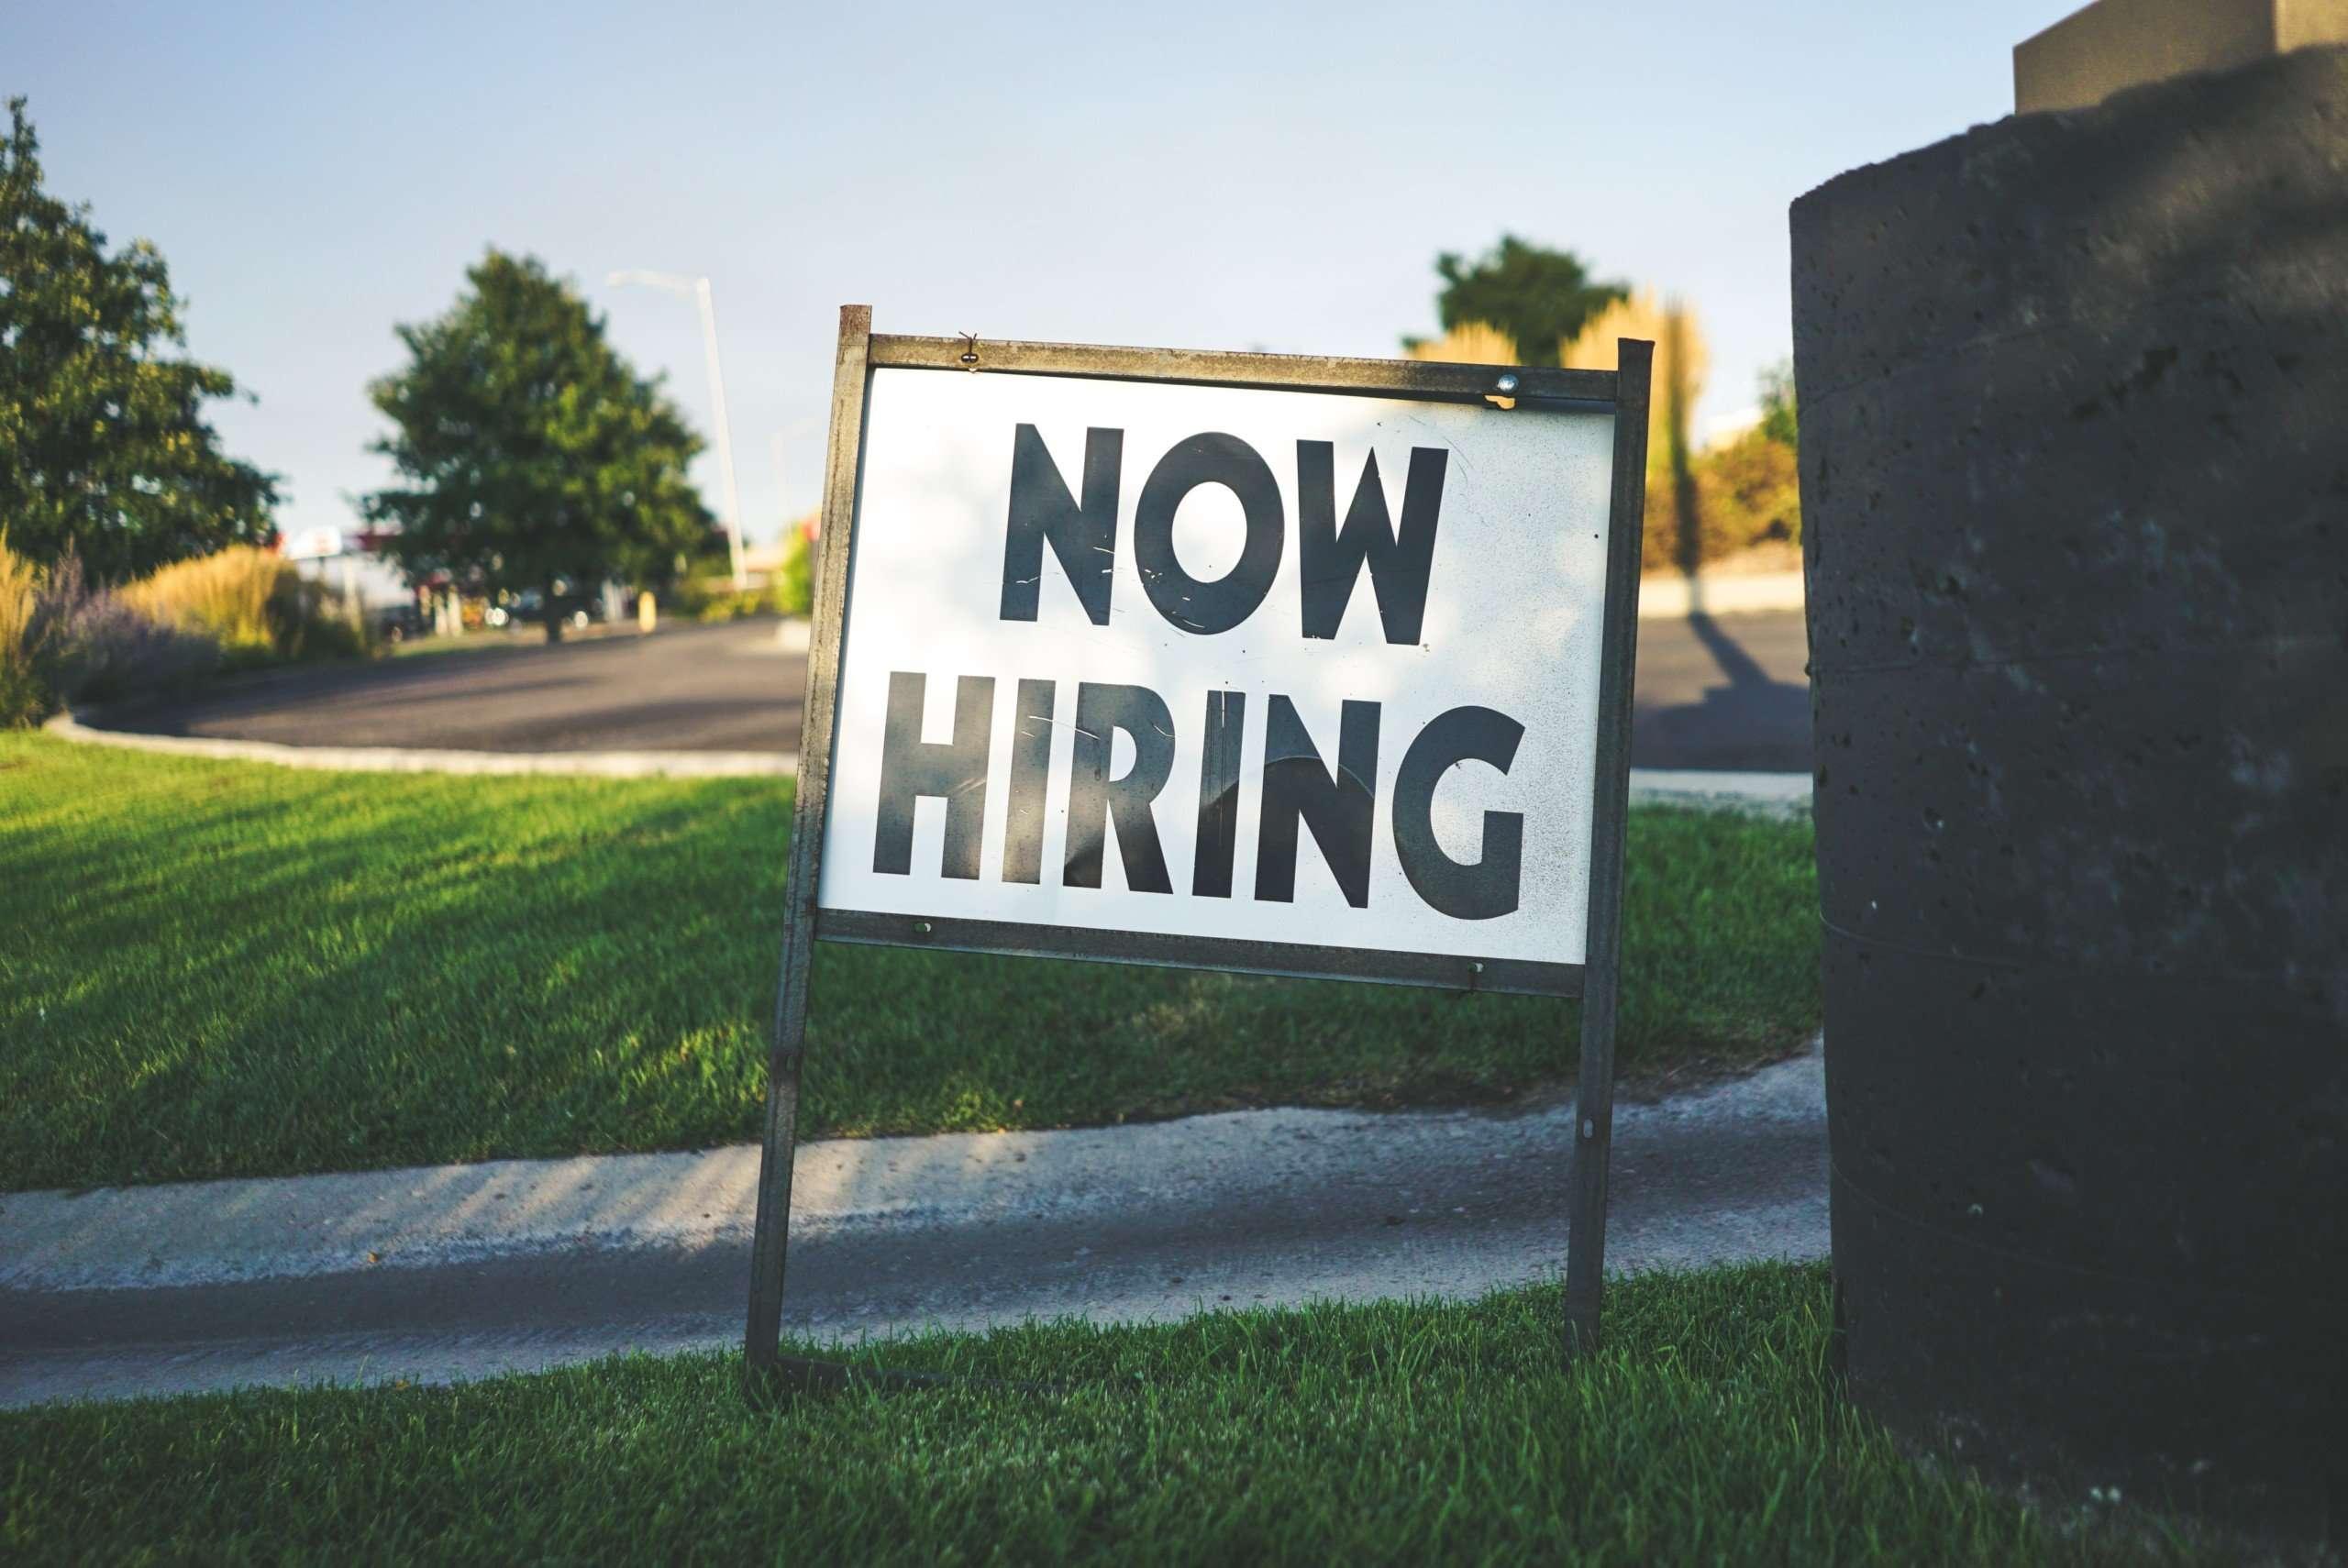 tncleanfuels hiring